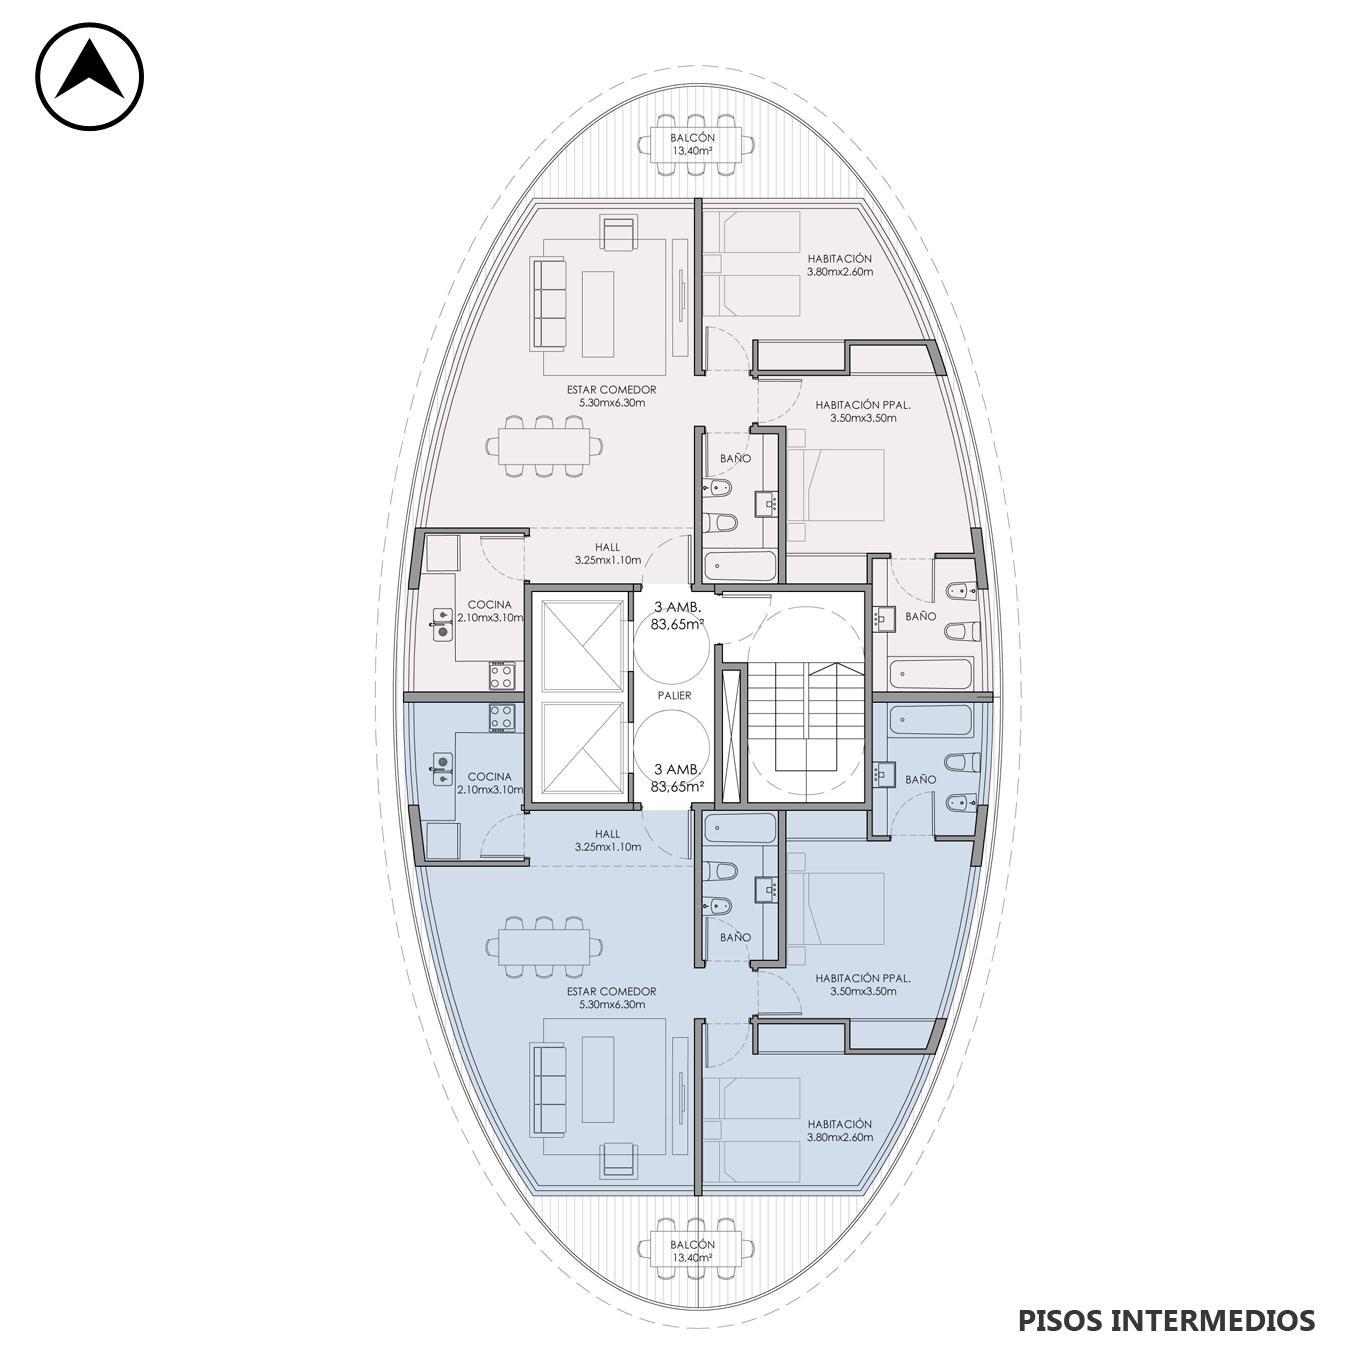 Venta departamento 1 dormitorio Rosario, Centro. Cod CBU23680 AP2227288. Crestale Propiedades